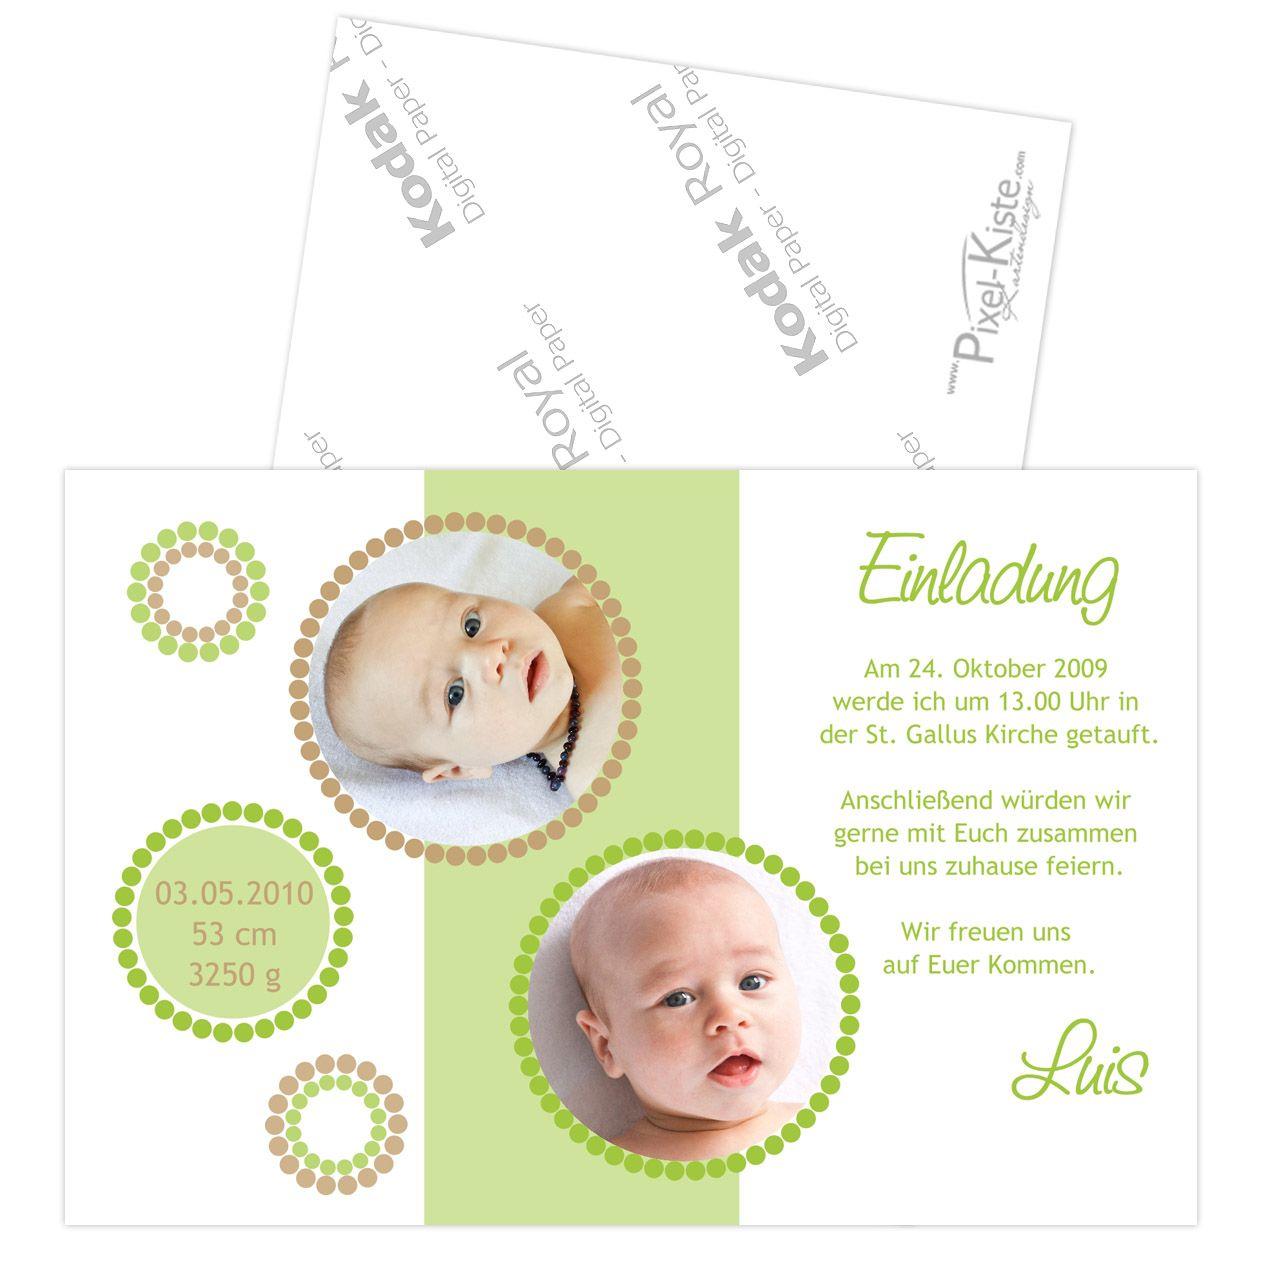 Einladungskarten Zur Taufe Mit Foto Individuell Gestalten #Taufe # Einladungen